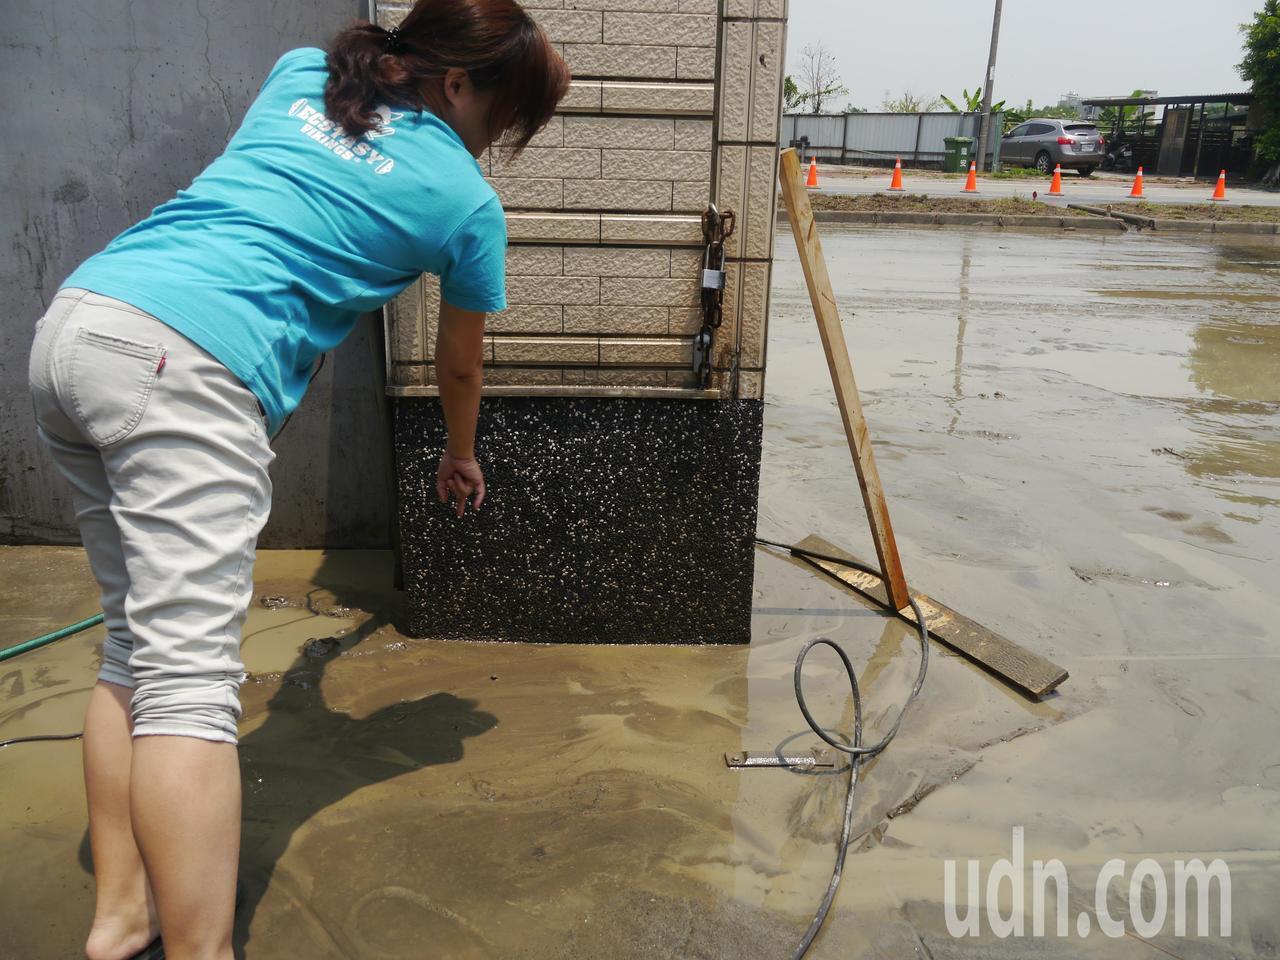 木料工廠業者說,淹水深至她手指之處,工廠損失不知要向誰求償。記者徐白櫻/攝影